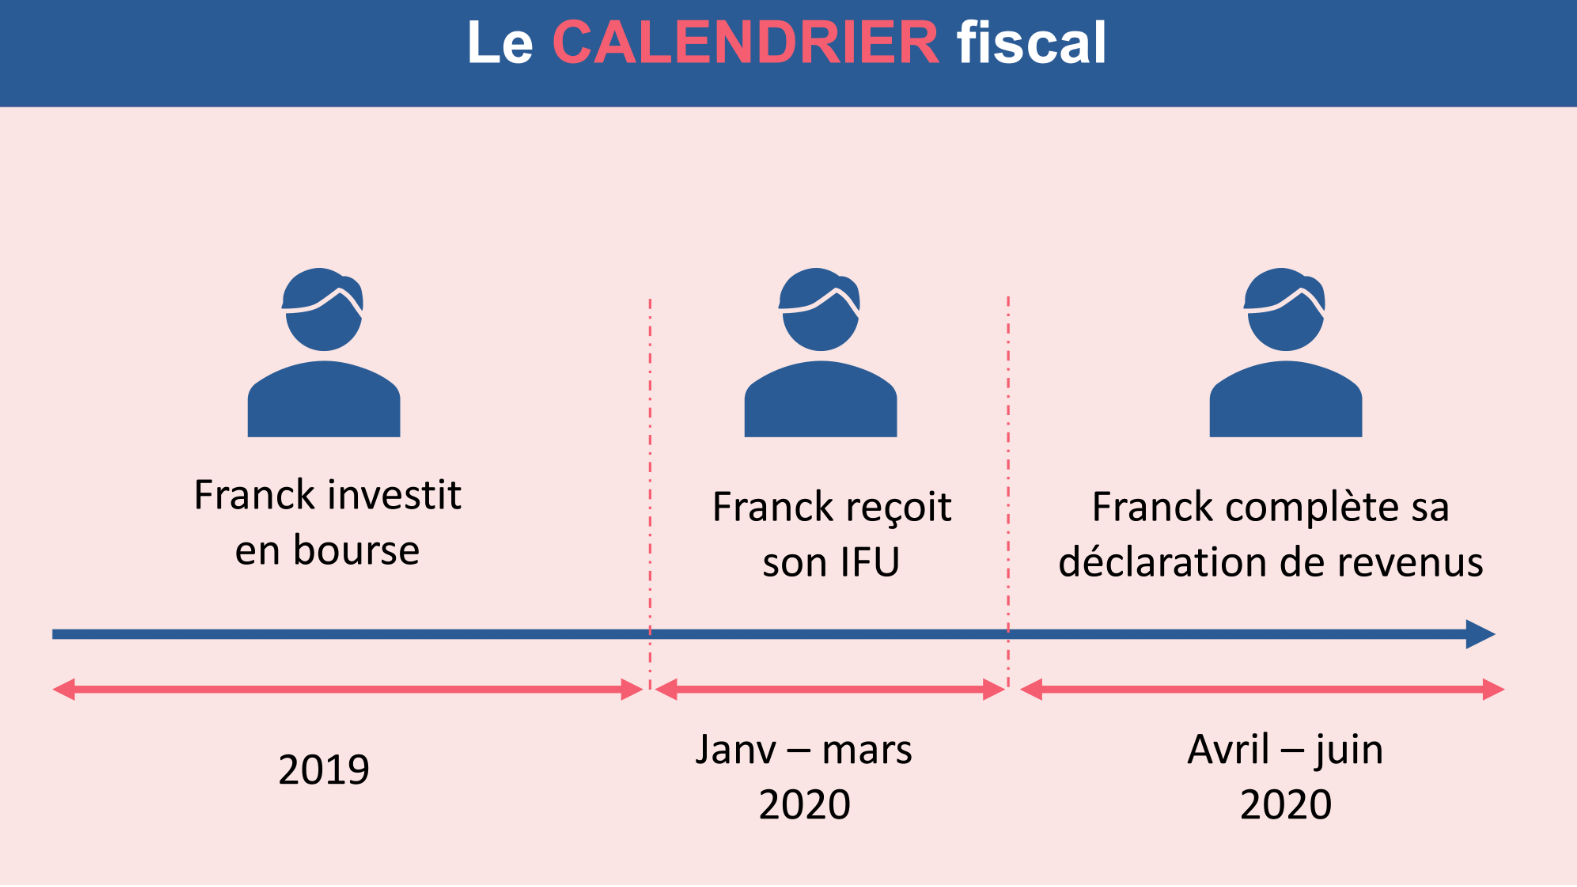 Le calendrier fiscal des dividendes